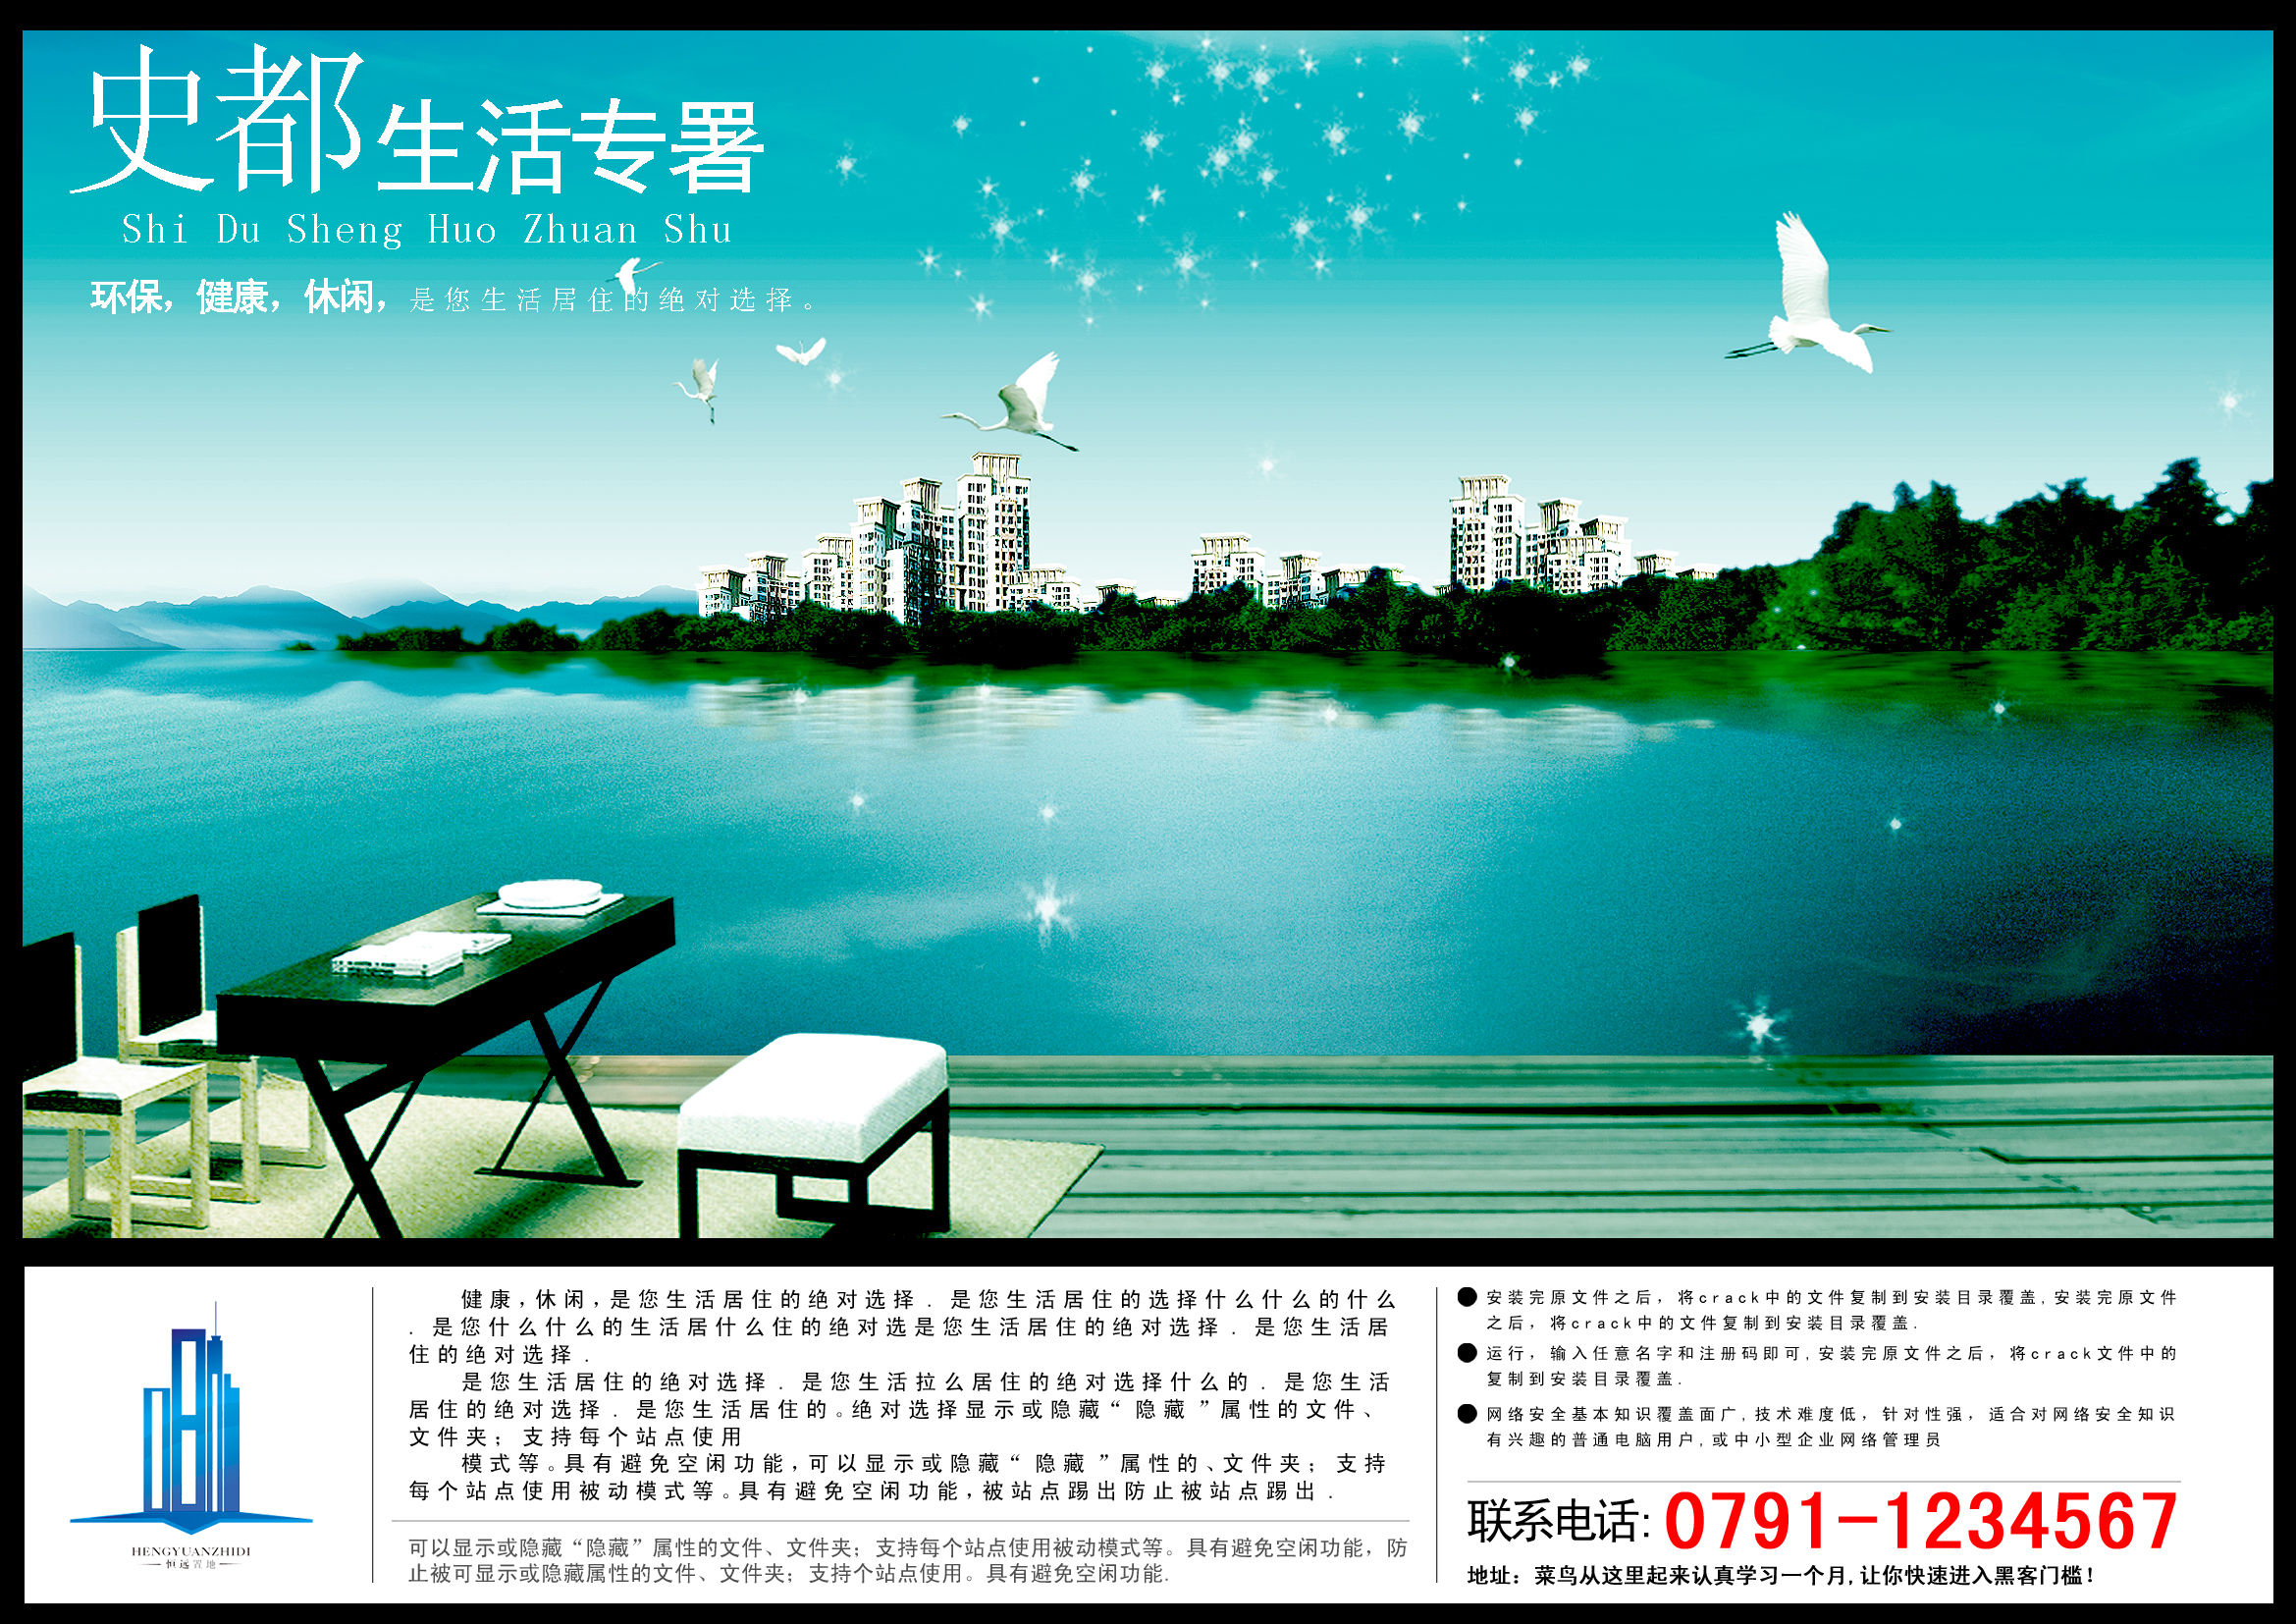 房地产广告 - 作品 - 相册